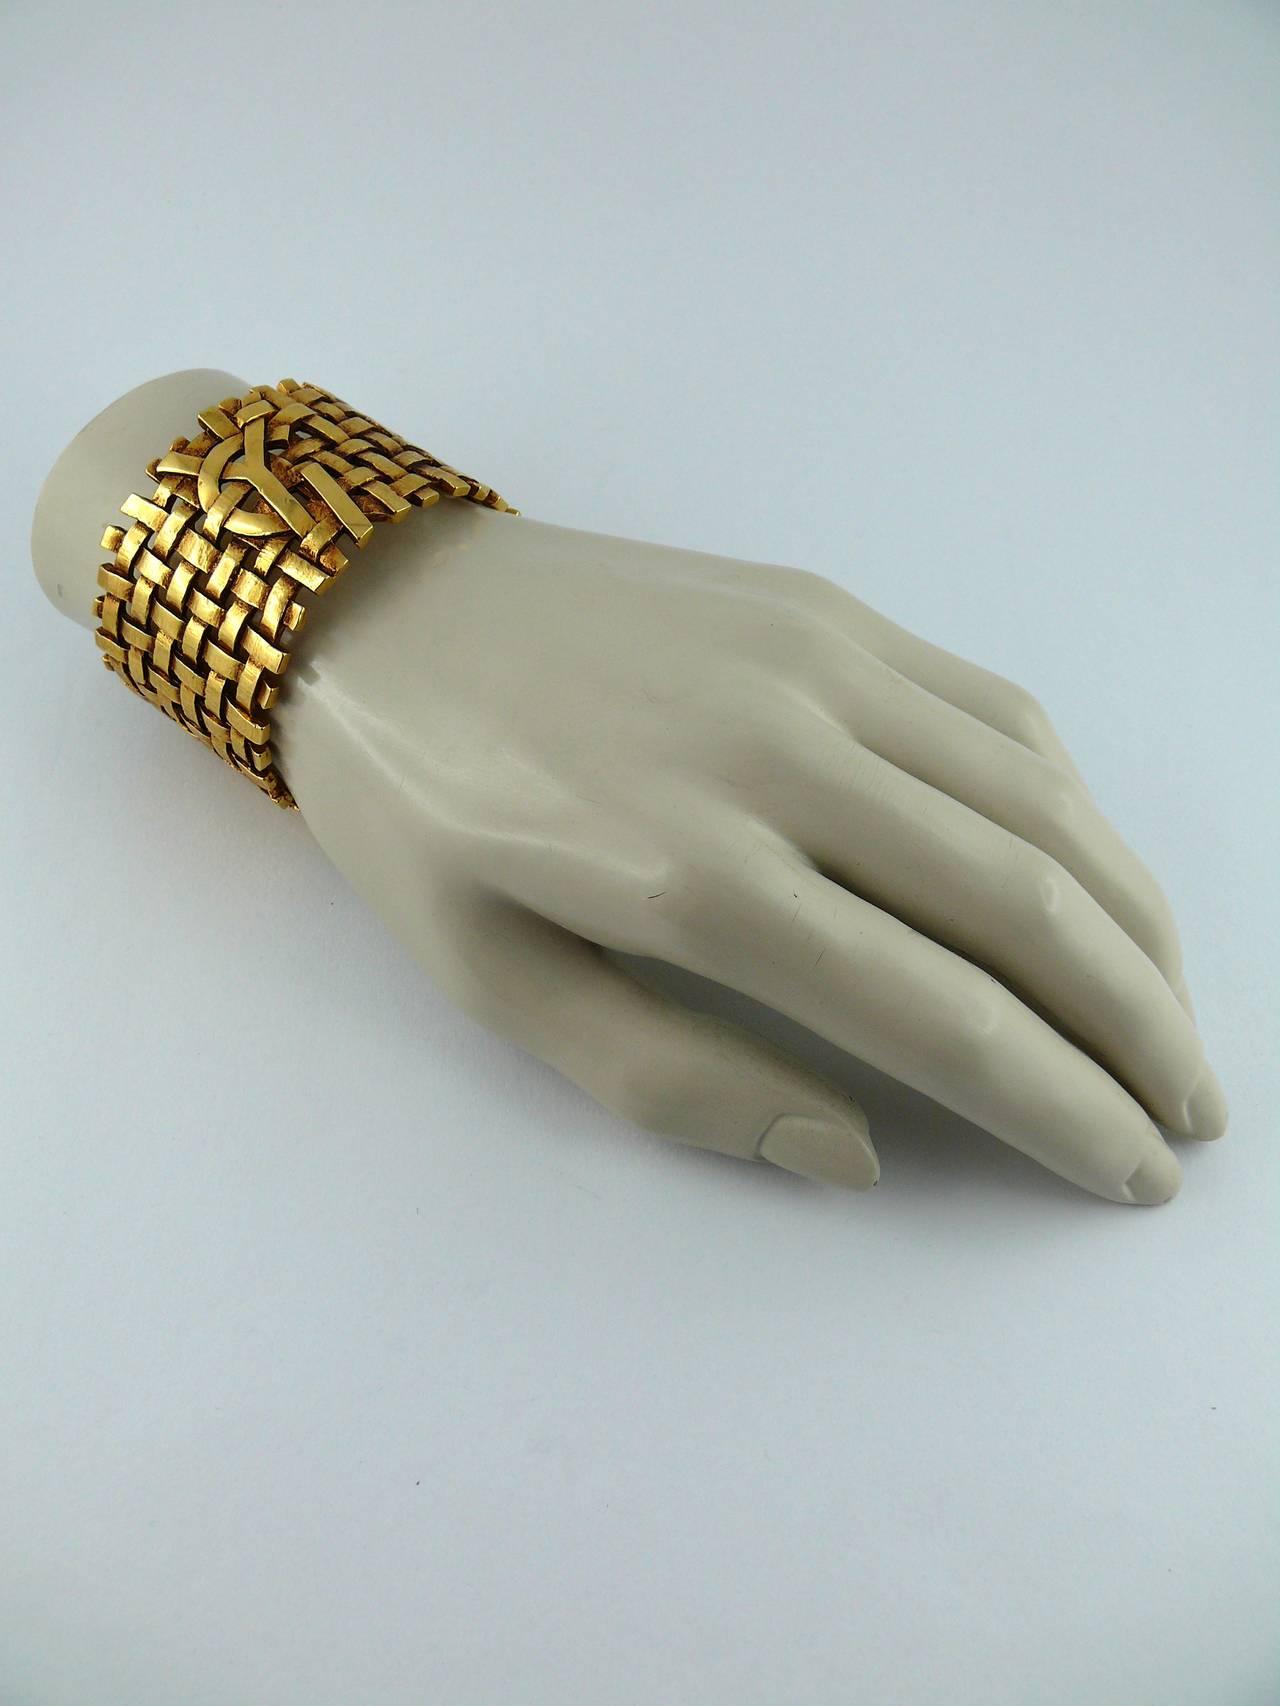 Yves Saint Laurent YSL Vintage Woven Cuff Bracelet 3